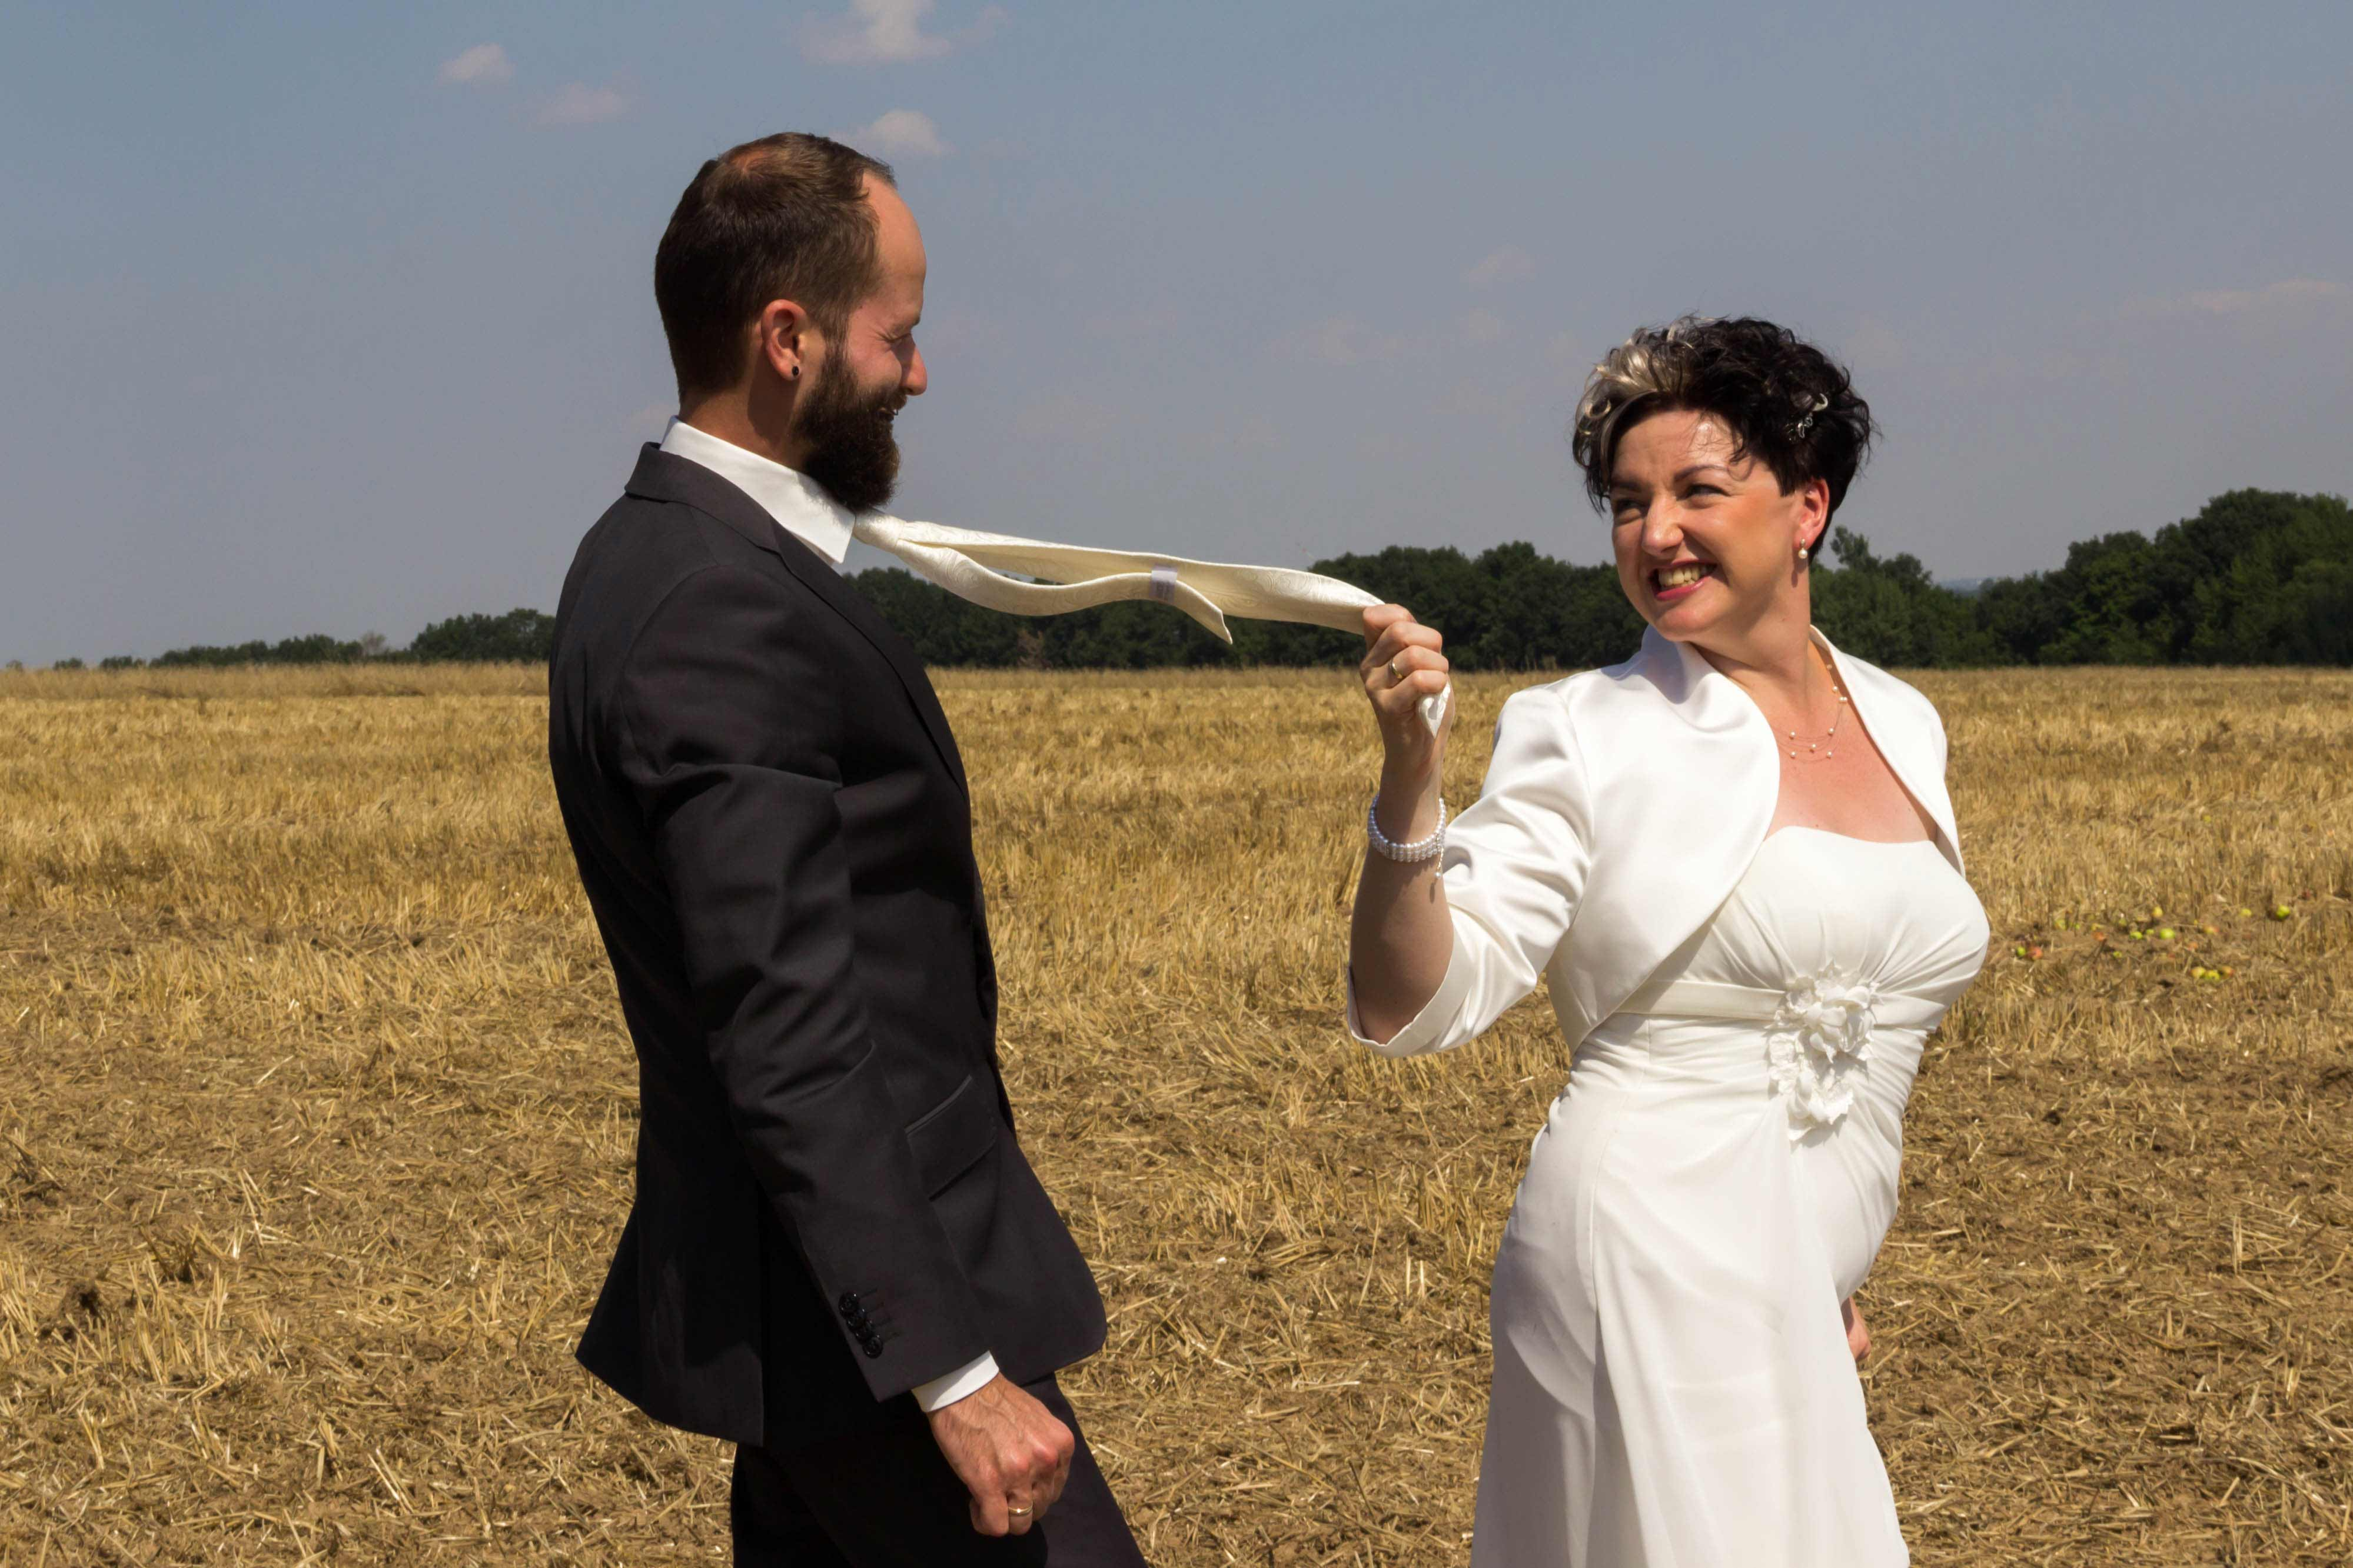 Hochzeitsfotoshooting | Brautpaar